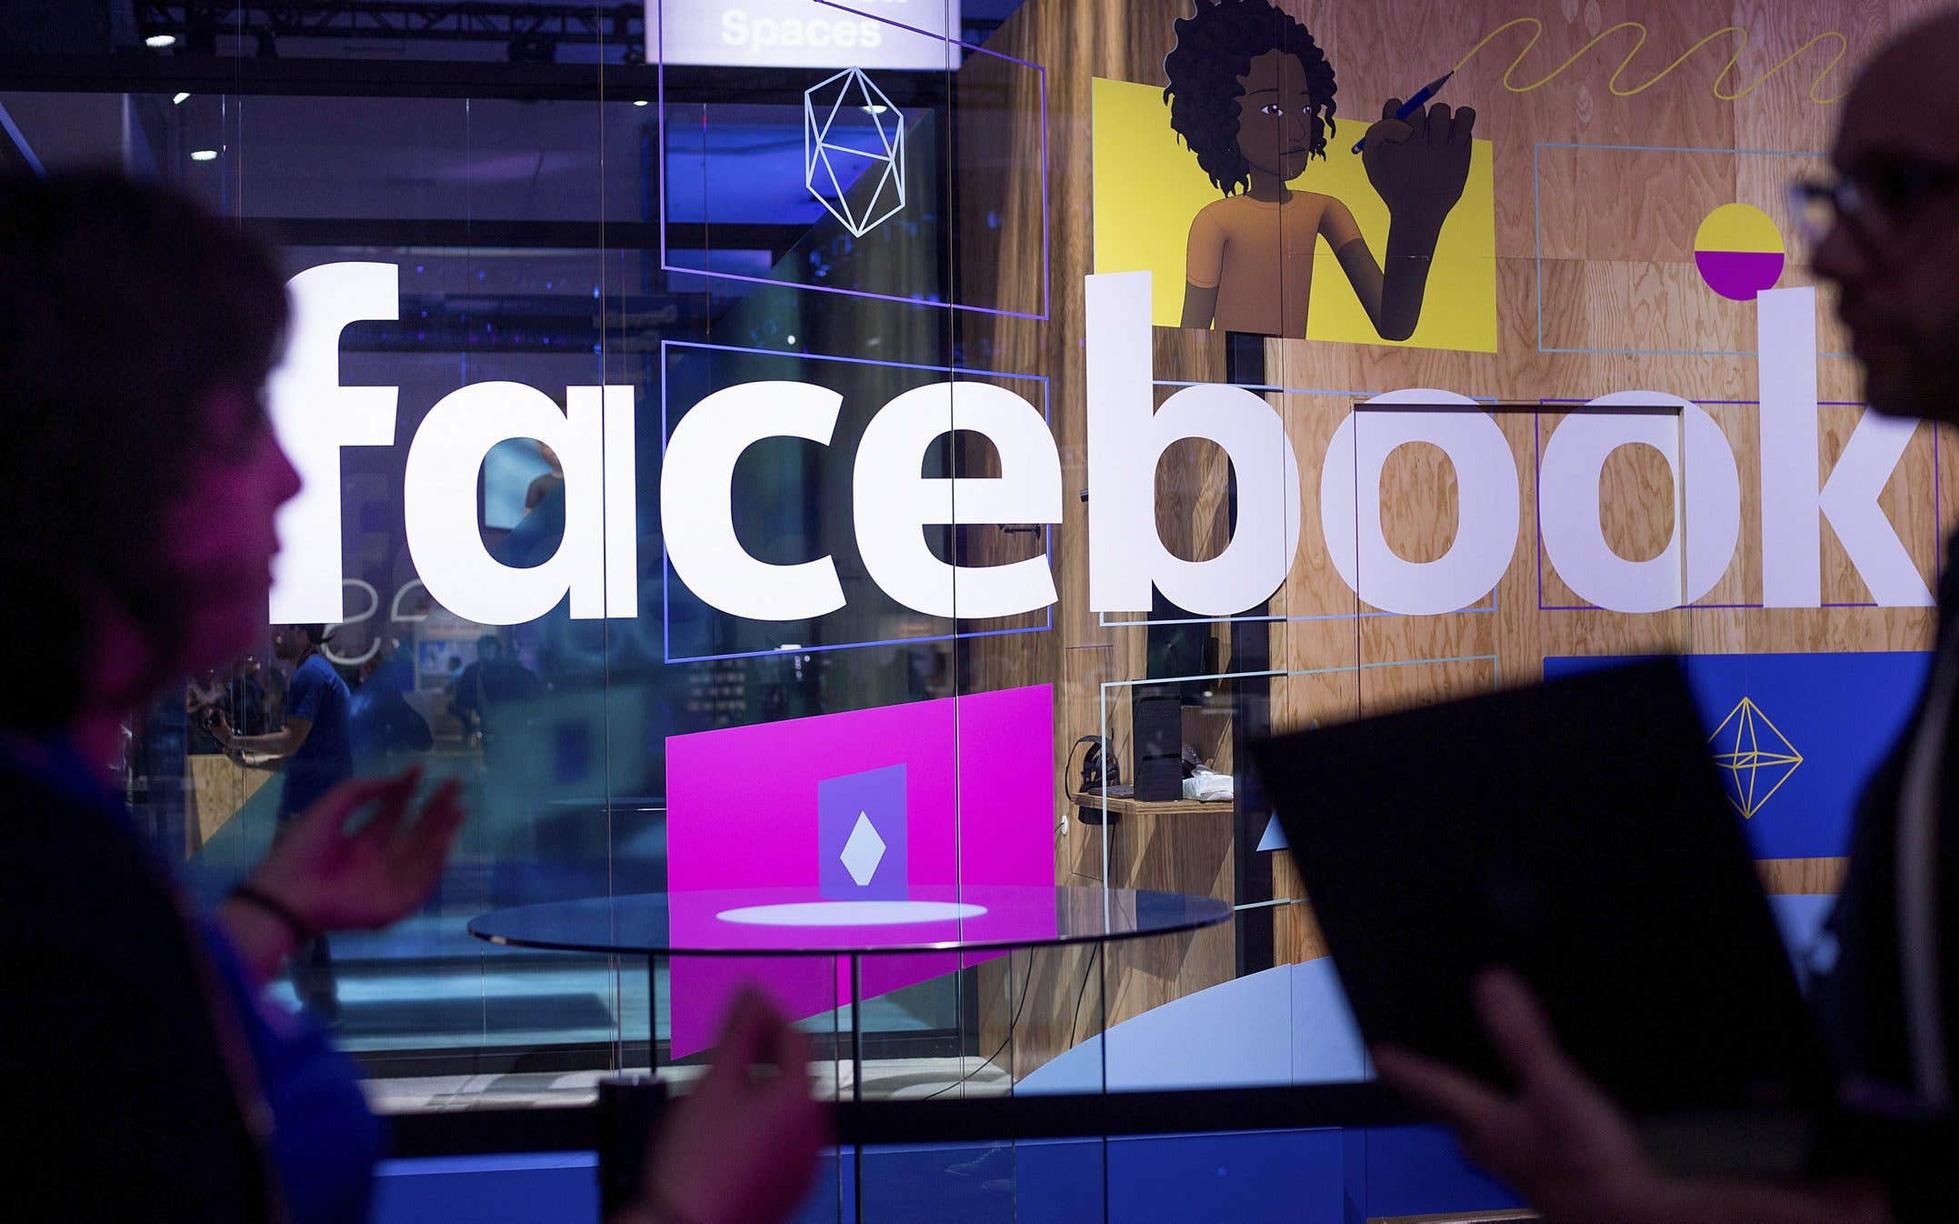 Chuyên gia bảo mật của Facebook hé lộ nguyên nhân khiến cả Facebook, Instagram bị sập trên toàn cầu, khẳng định không bị hack?